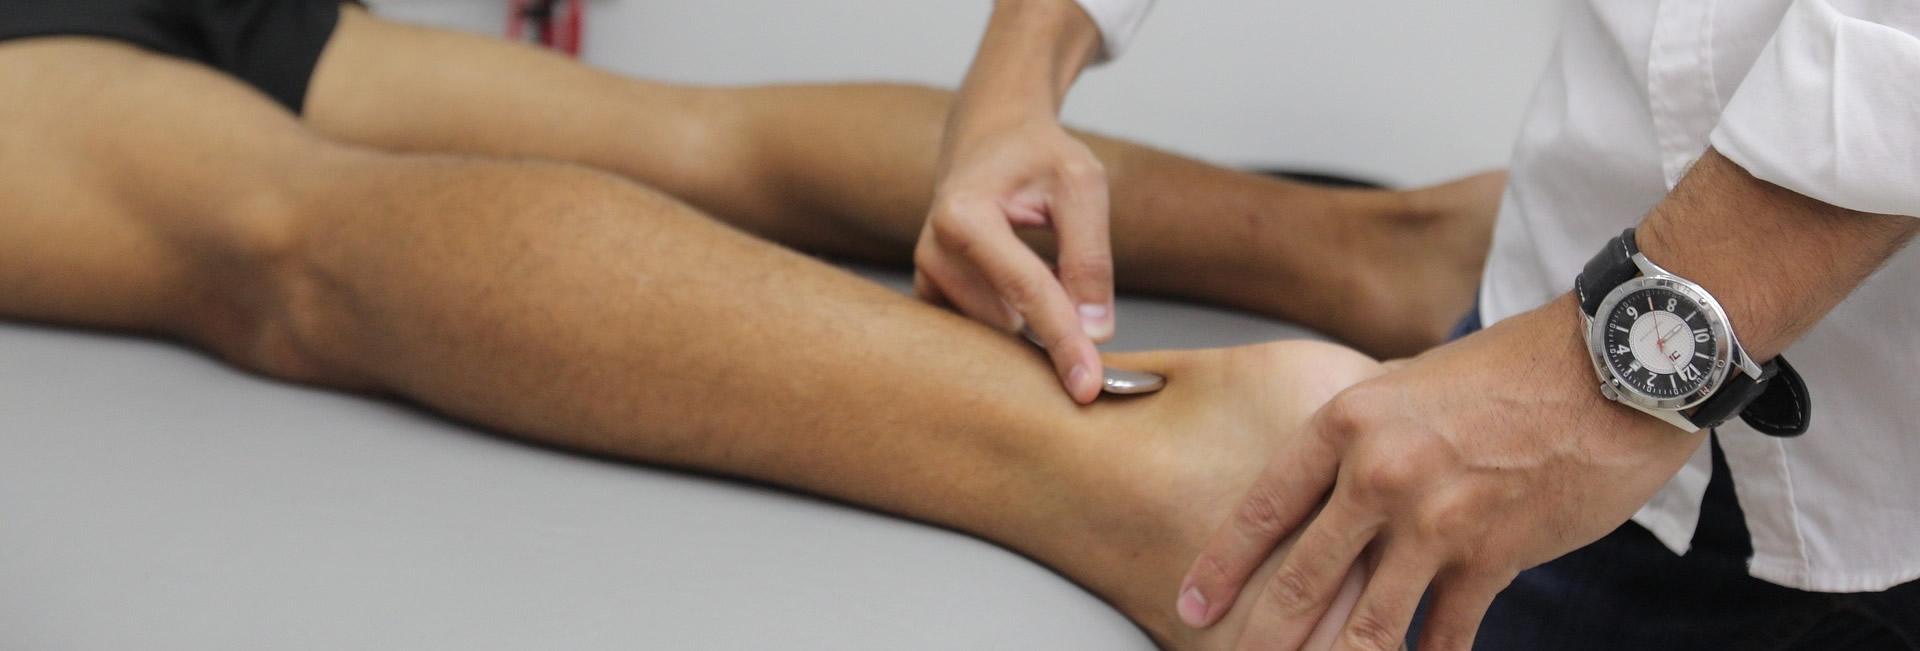 Clínica de Fisioterapia em São José dos Pinhais